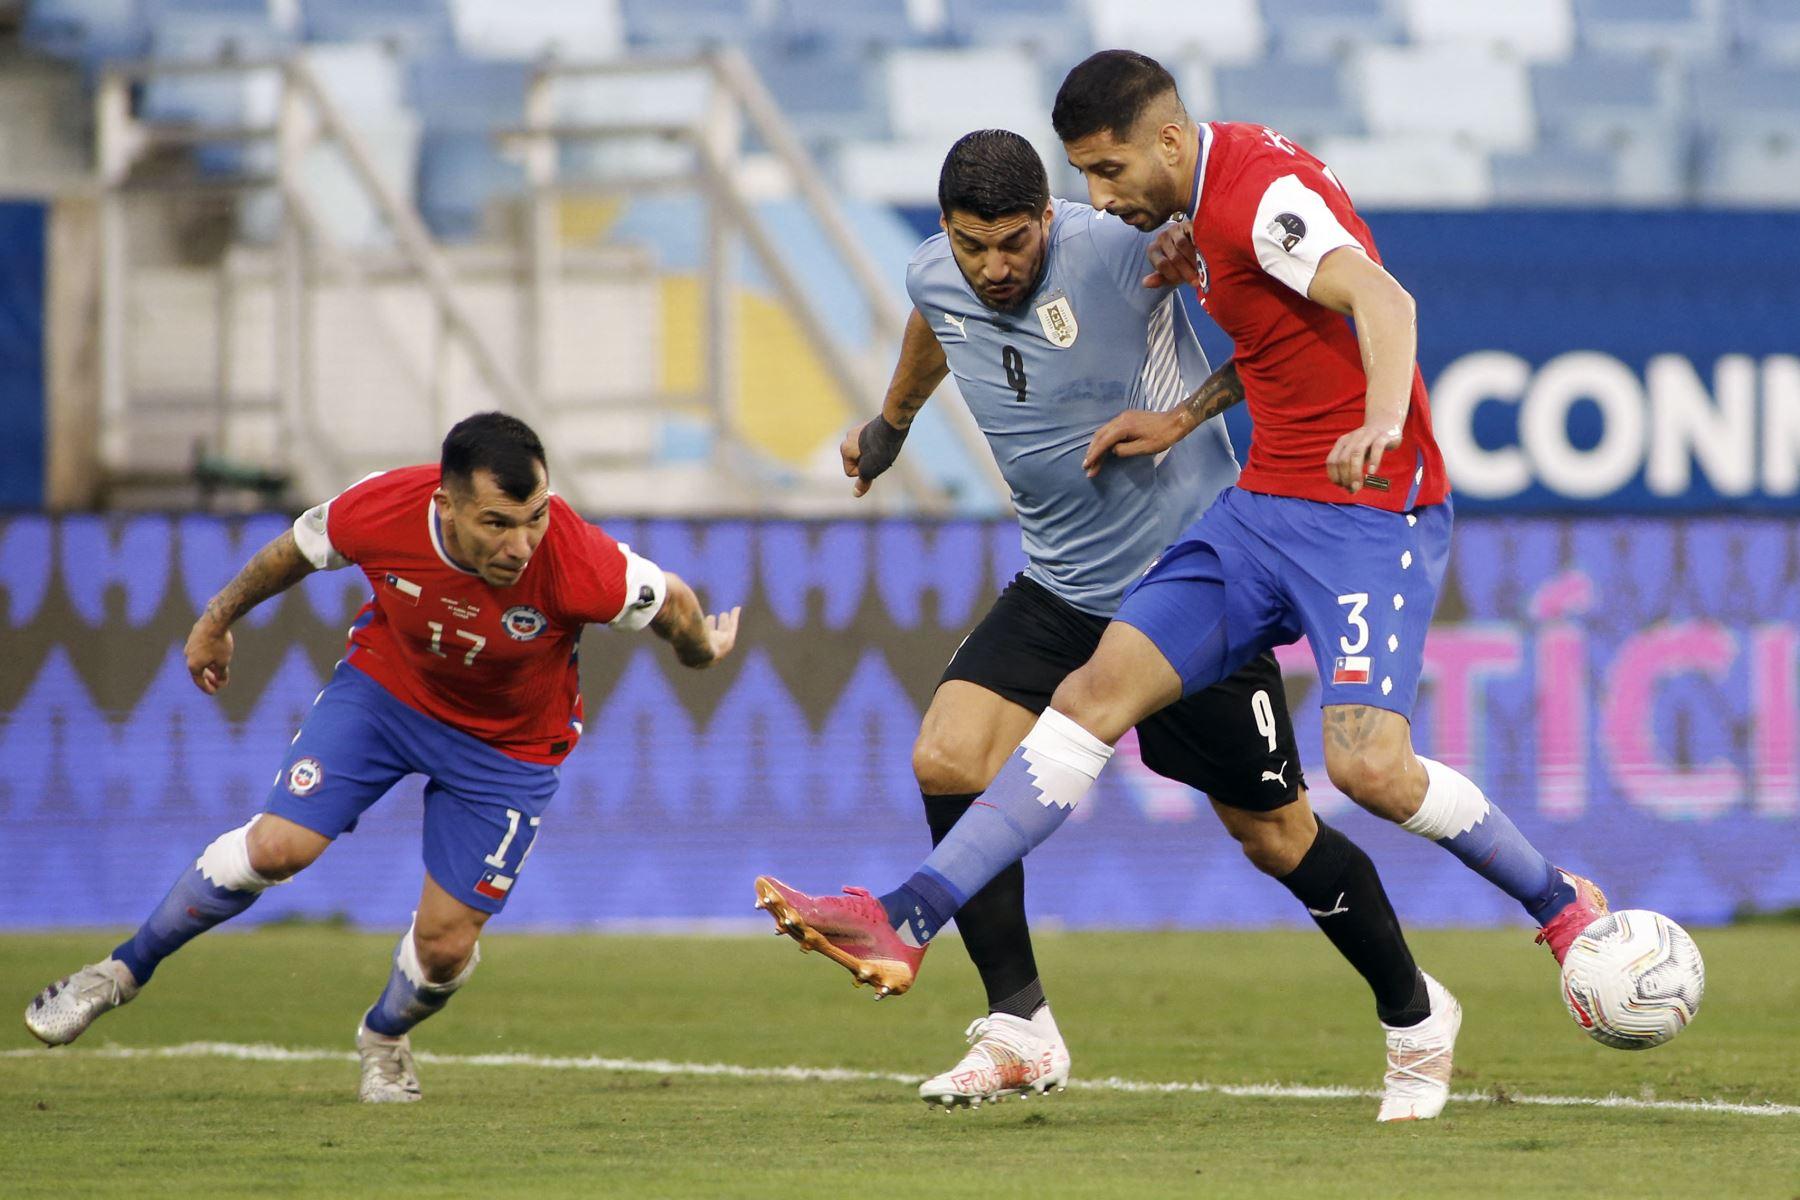 Los chilenos Gary Medel y Guillermo Maripan compiten por el balón con el uruguayo Luis Suárez  durante su partido de la fase de grupos del torneo de fútbol Conmebol Copa América 2021 en el Pantanal Arena de Cuiabá, Brasil. Foto: AFP